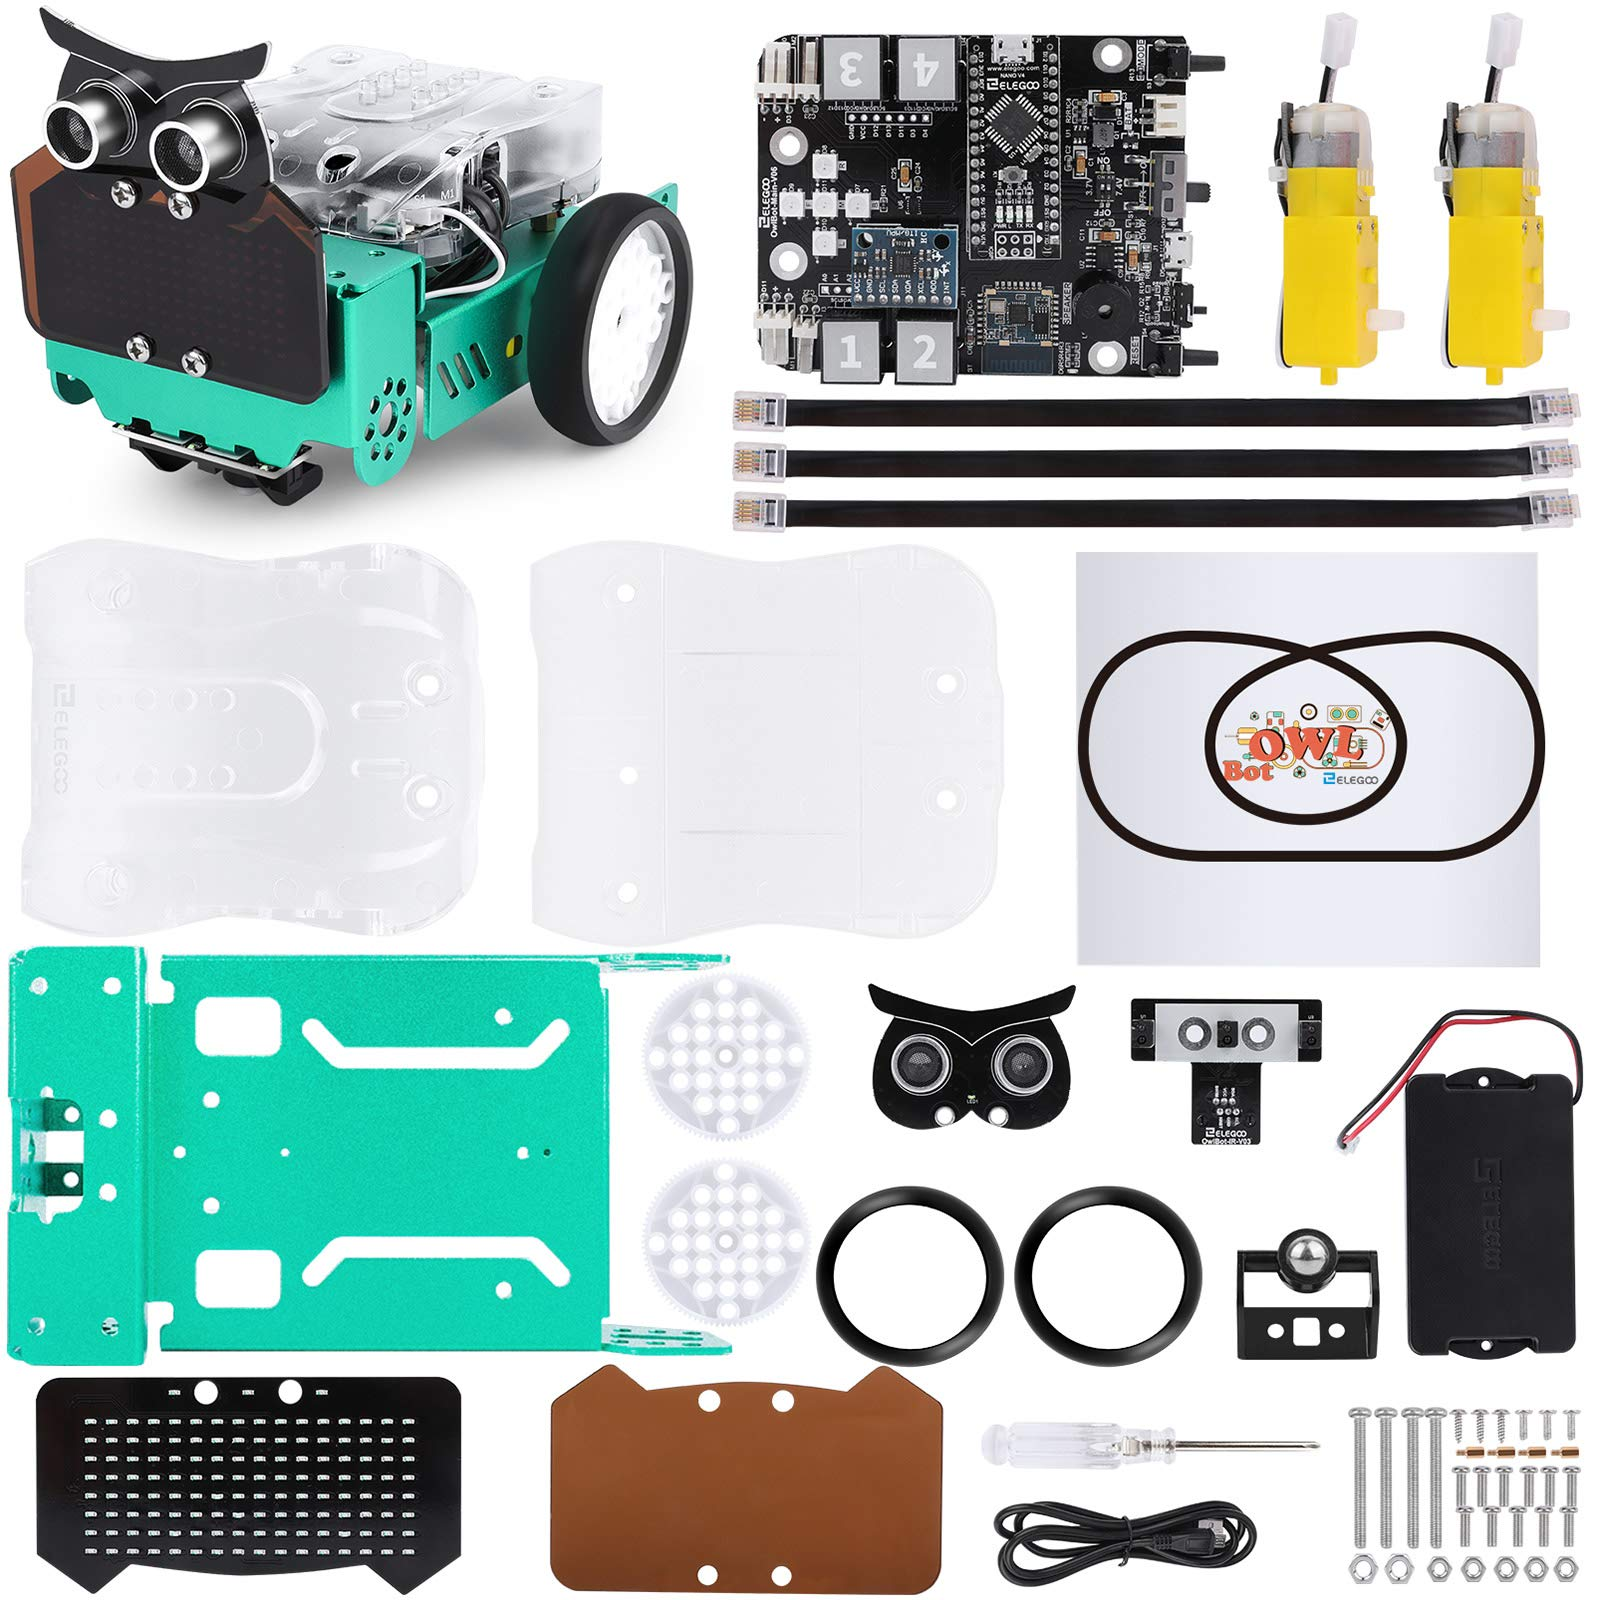 Robot Educativo para armar y programar en Arduino ELEGOO b